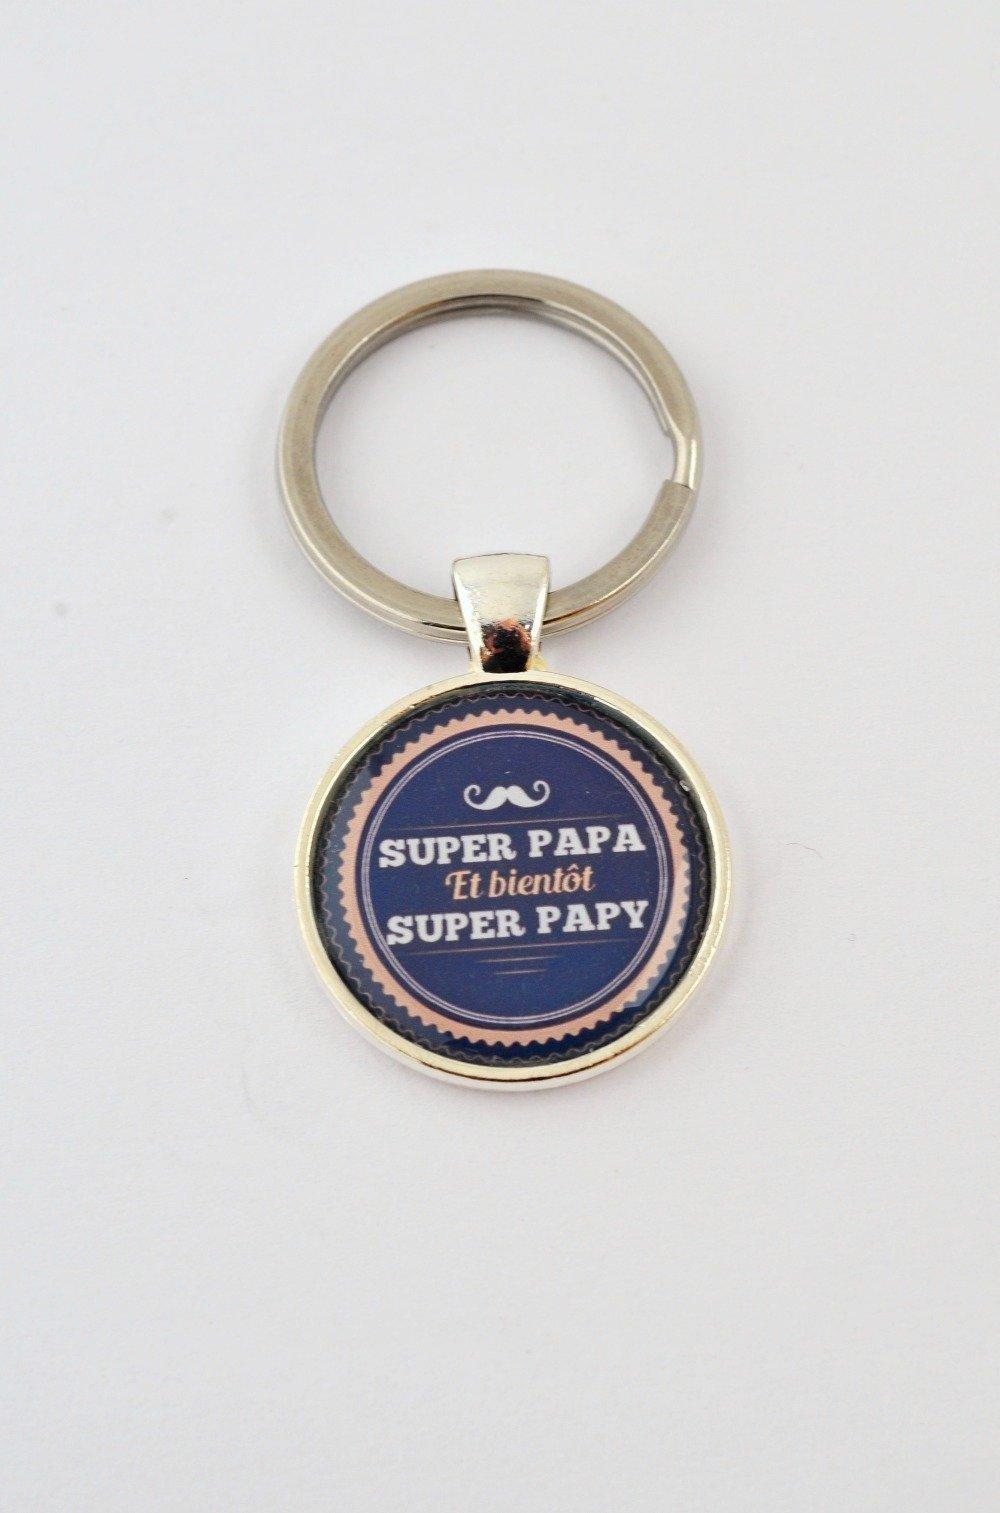 """Porte-clefs """"Super papa et bientôt super papy"""""""